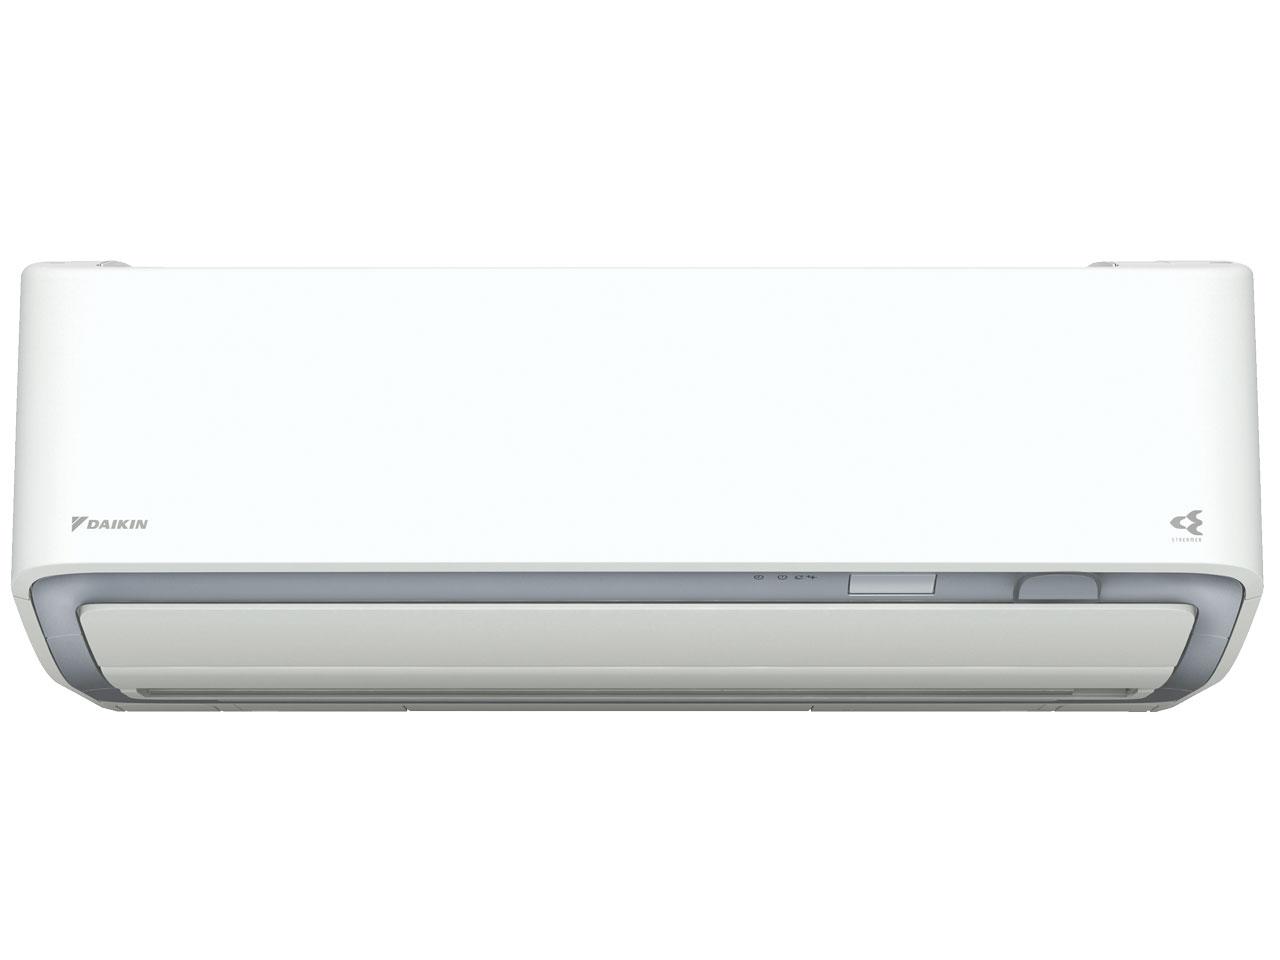 ダイキン 19年モデル DXシリーズ S63WTDXP-W 【200V用】20畳用冷暖房除湿エアコン